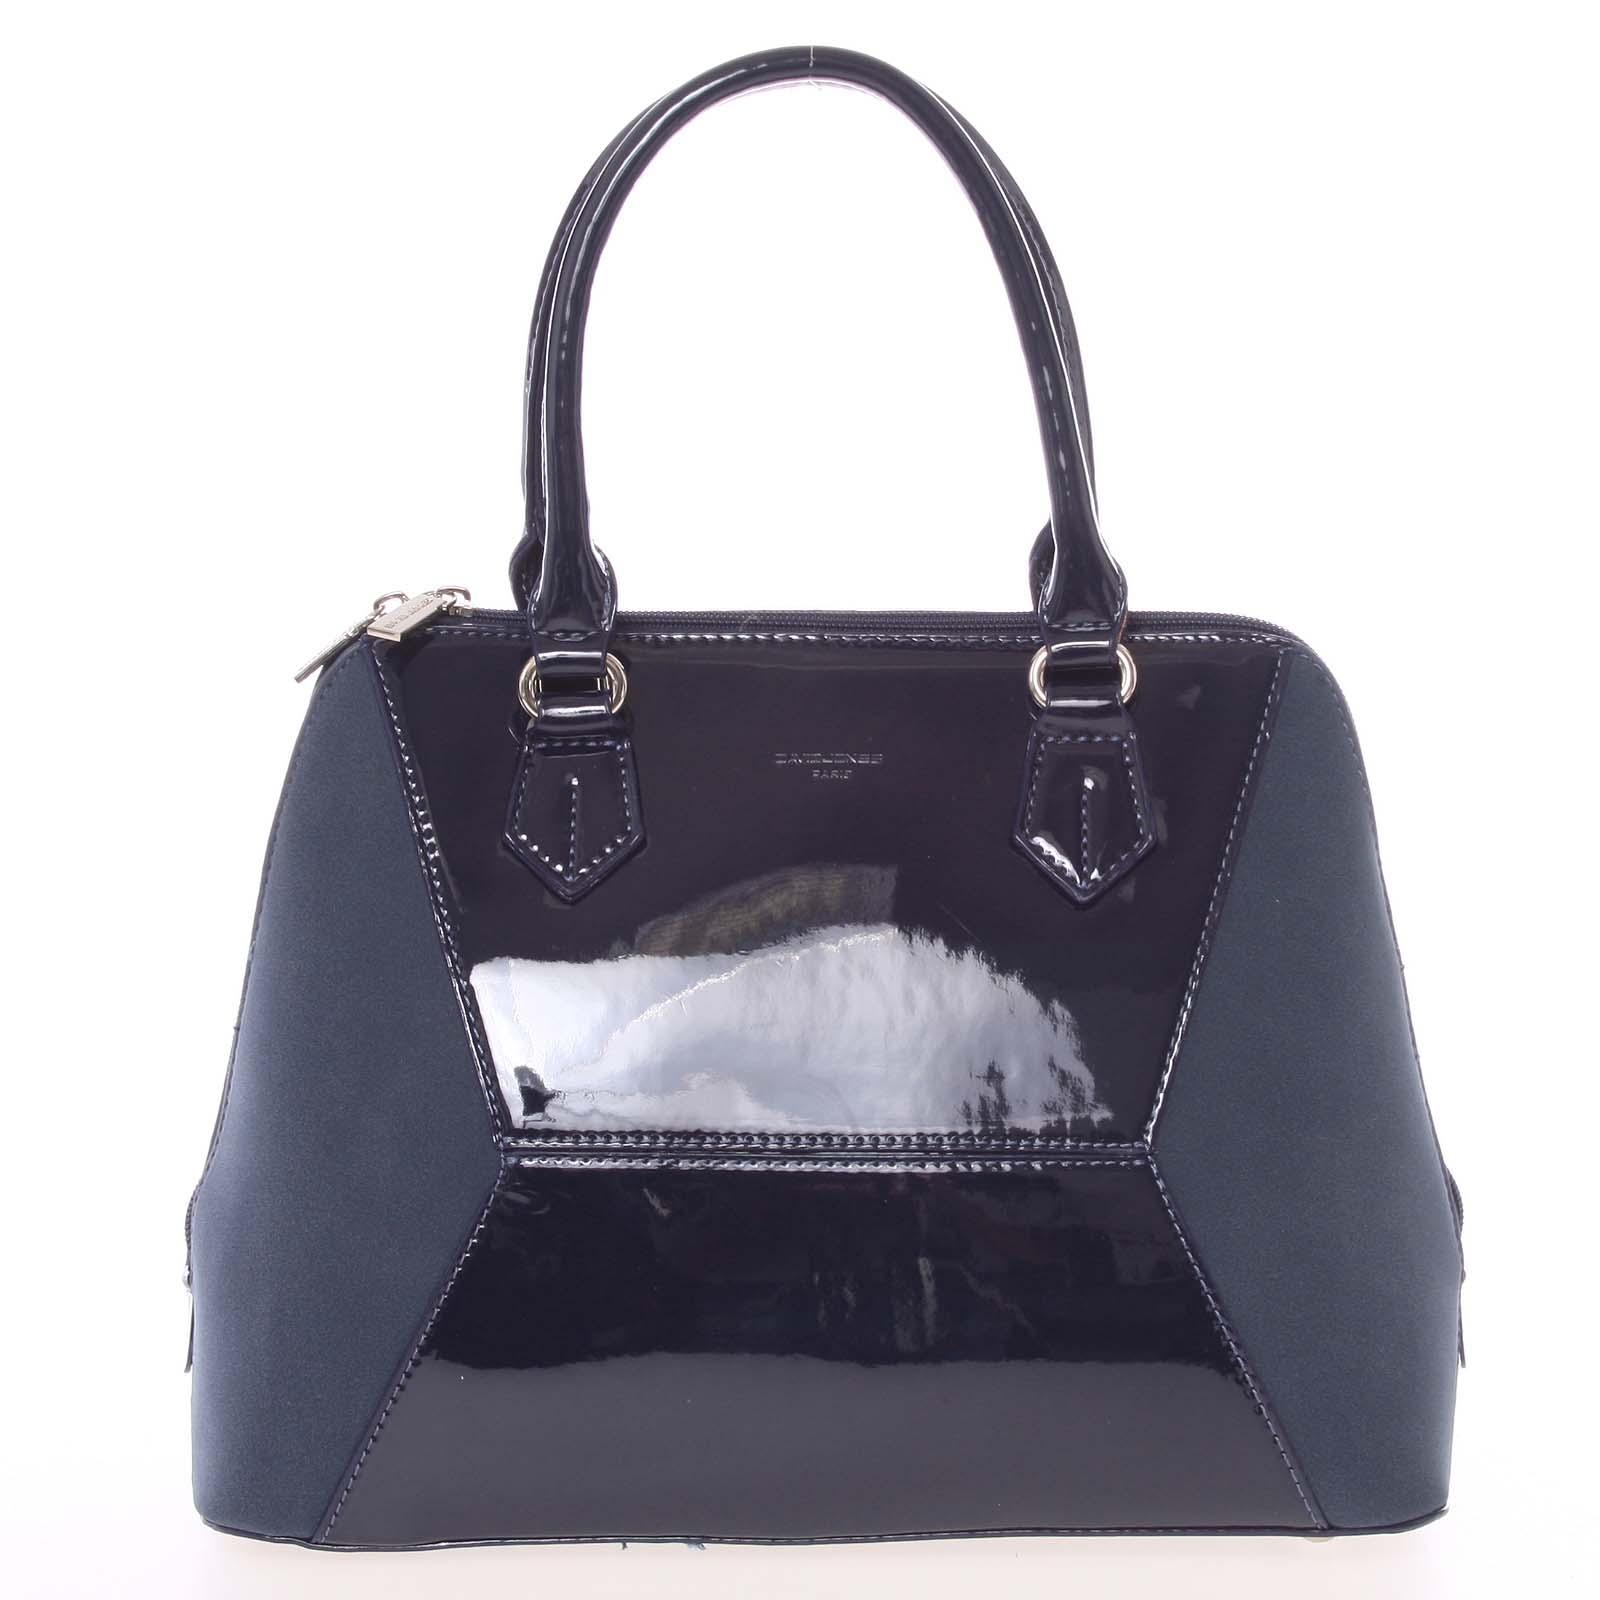 Nadčasová dámská tmavě modrá kabelka do ruky - David Jones Zion